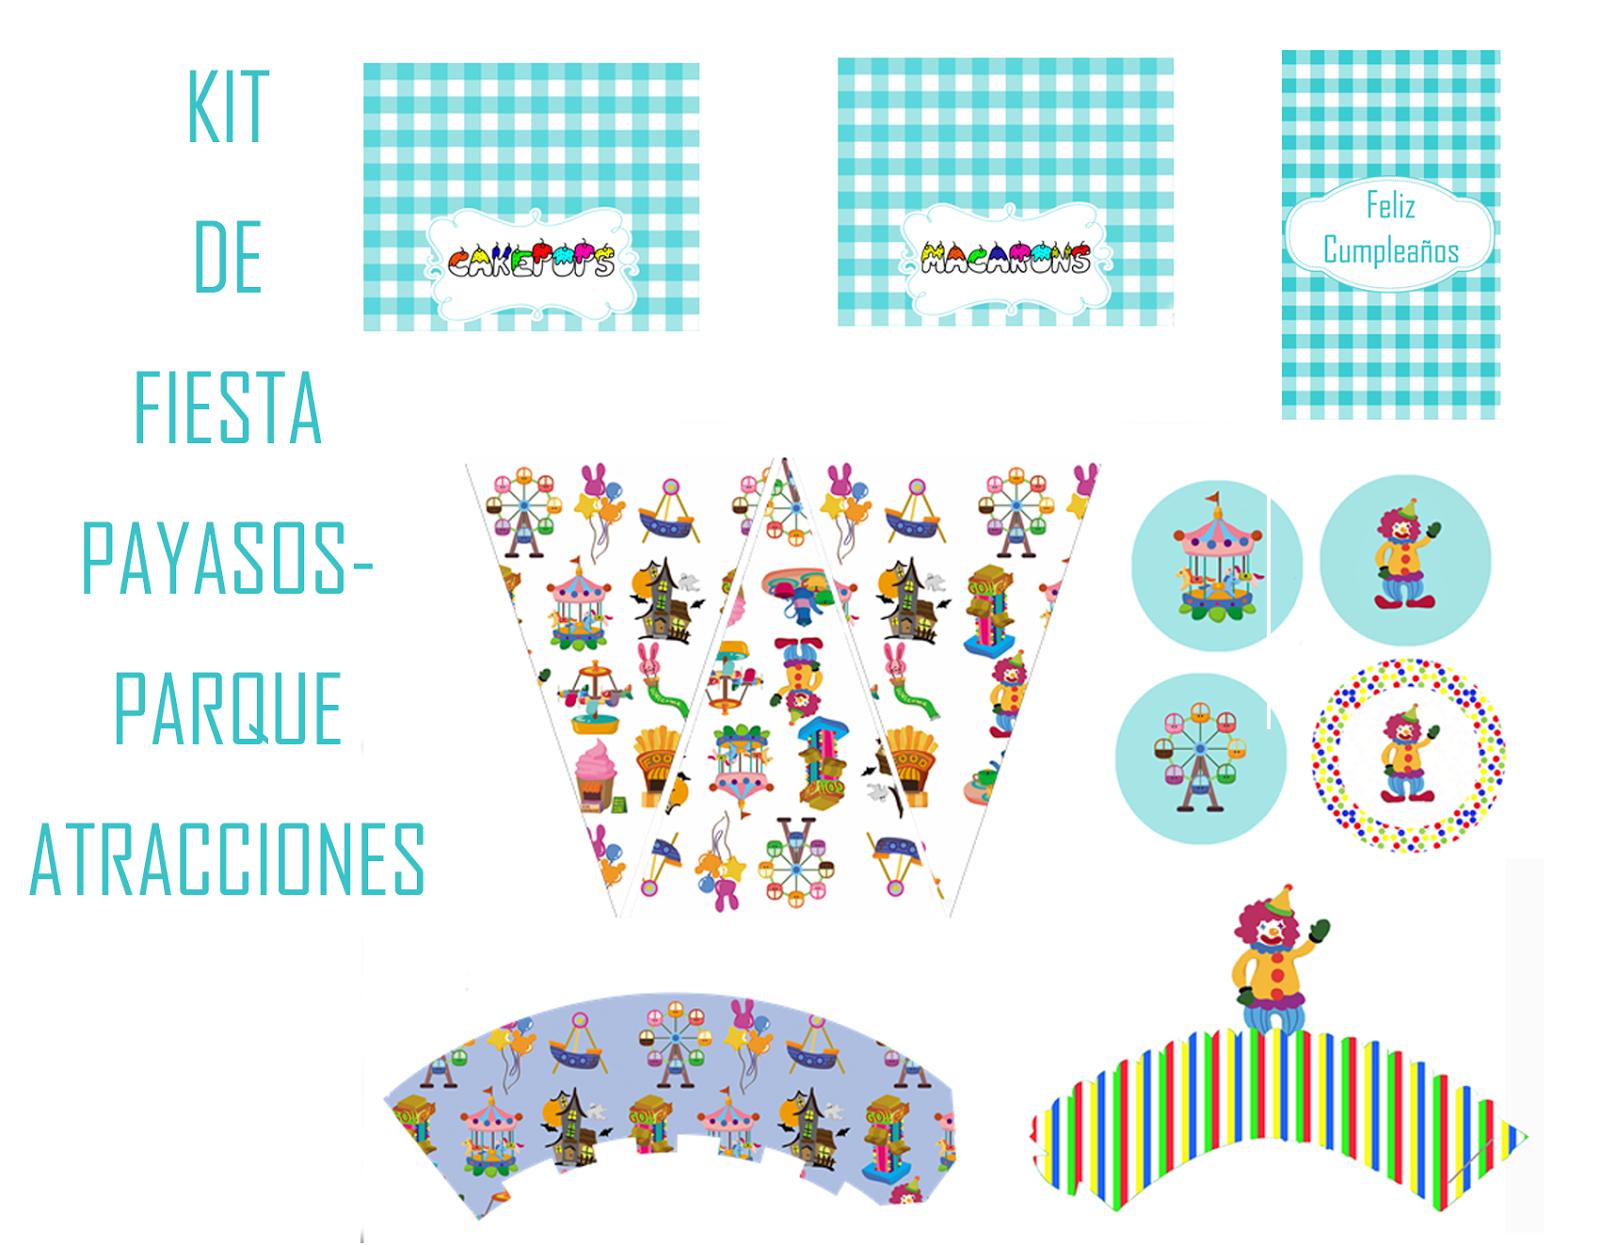 Kit de fiesta